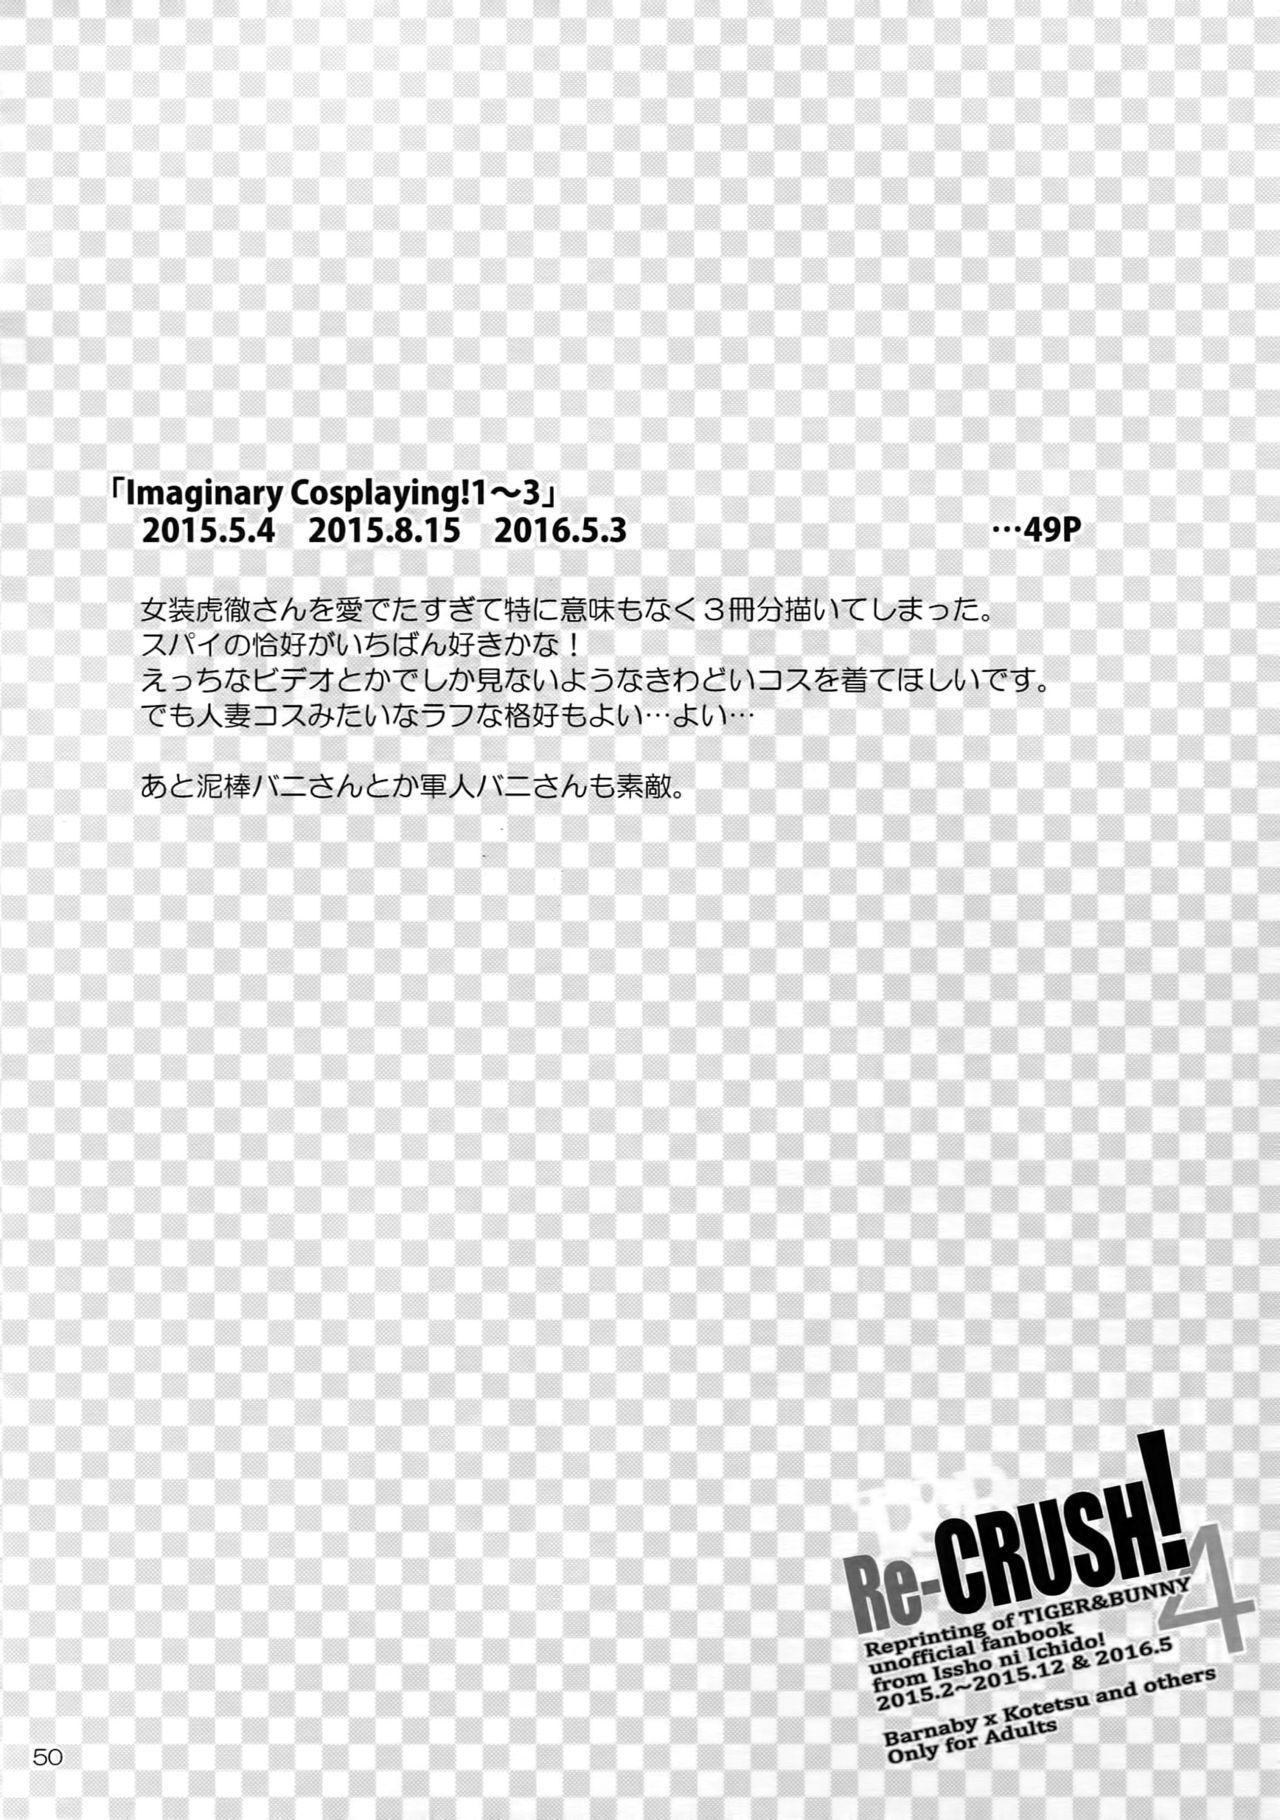 T&B Re-CRUSH!4 48